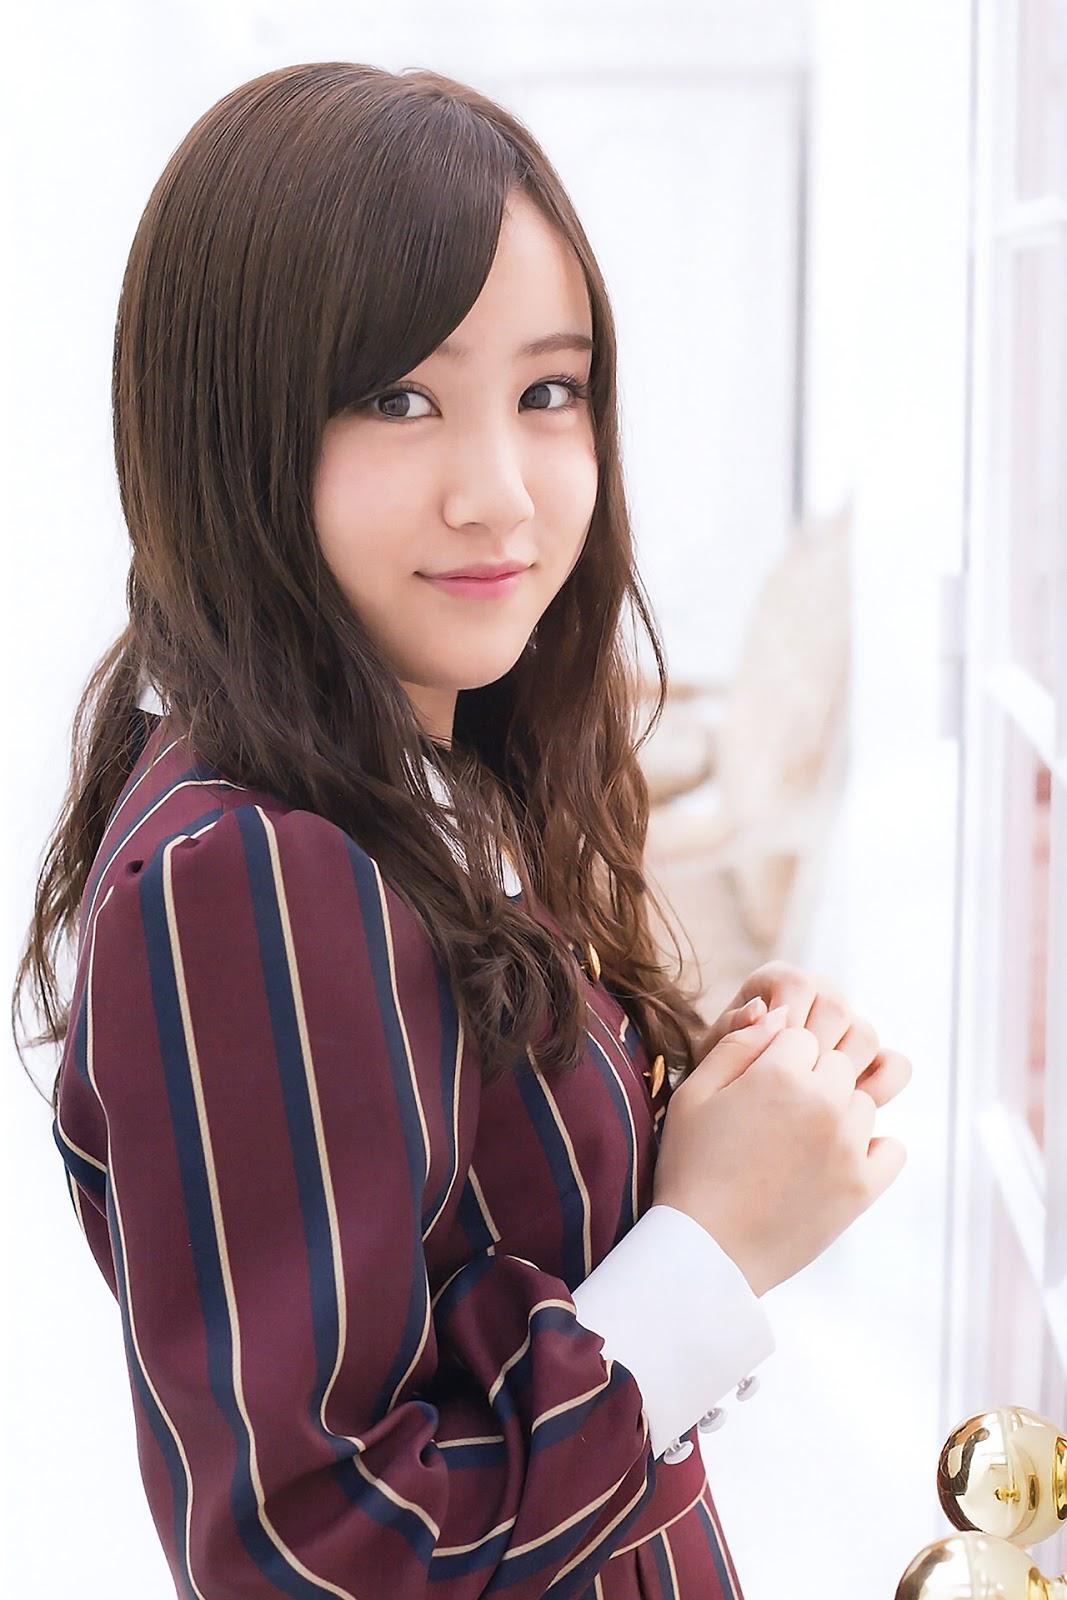 ワインレッドのステージ衣装の星野みなみさん。「乃木坂46」に似合う美少女ですね。